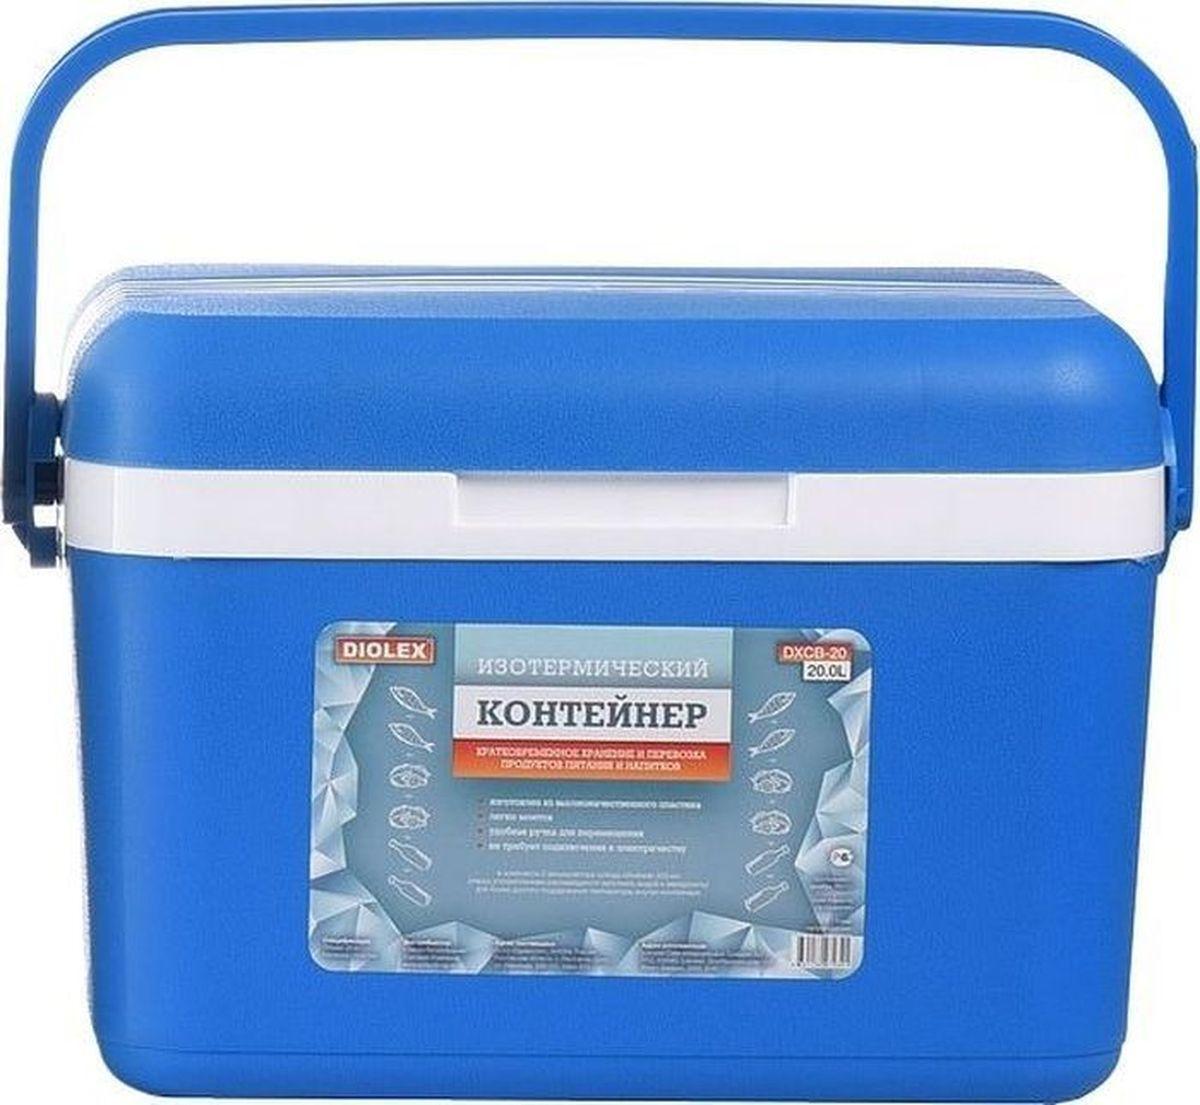 Фото - Контейнер изотермический Diolex, с 2 аккумуляторами холода, цвет: зеленый, 20 л контейнер изотермический rosenberg с аккумулятором холода цвет синий белый 8 л